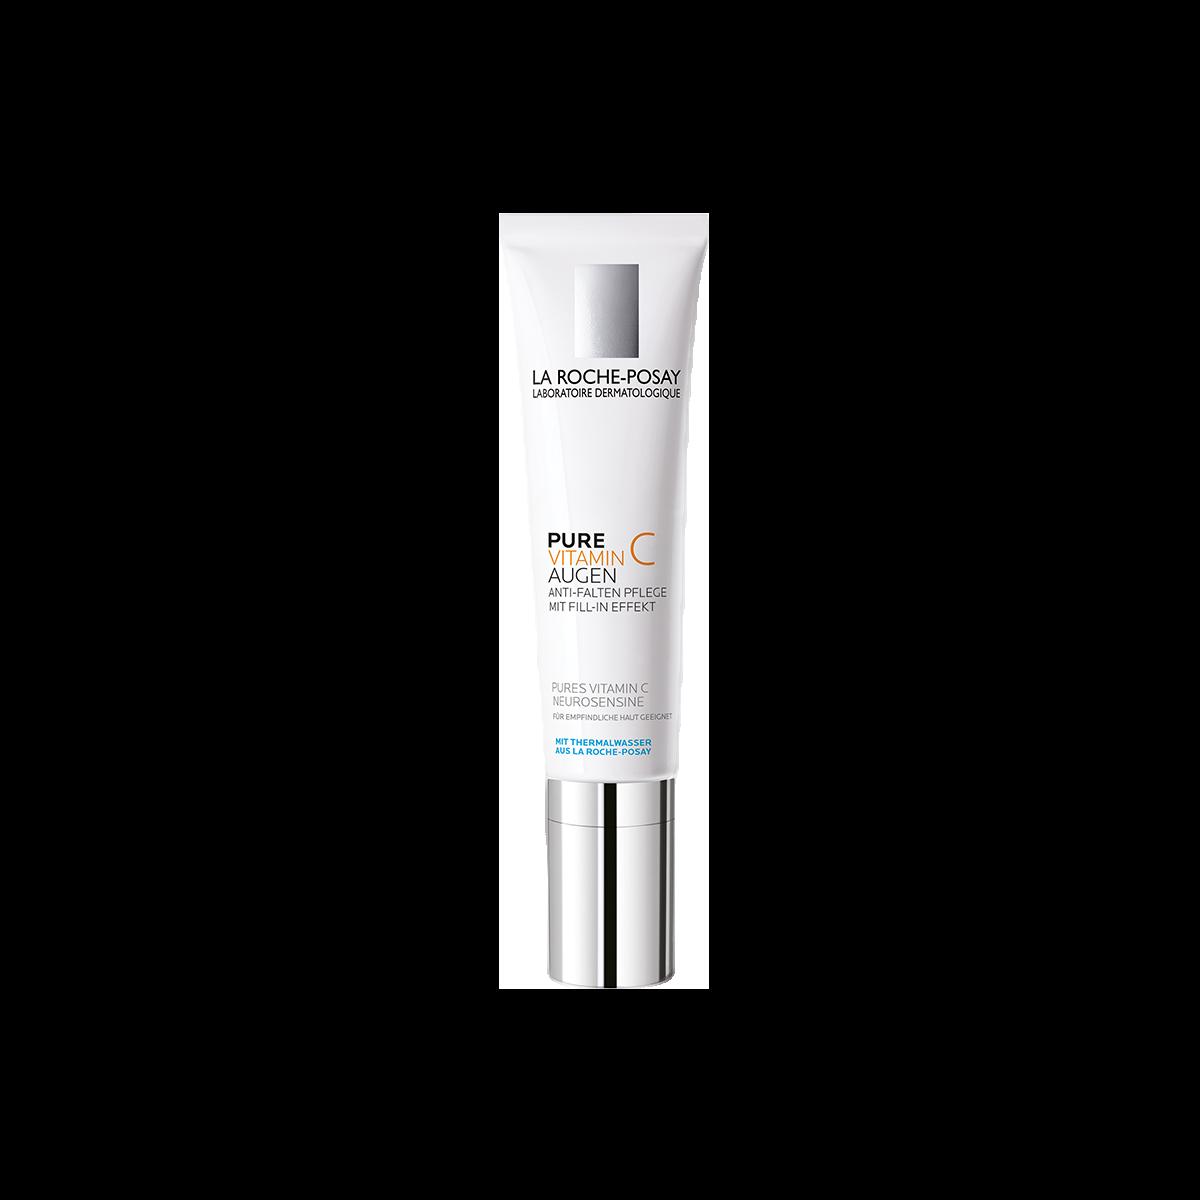 La Roche Posay ProductPage Pure_Vitamin_C_Augen